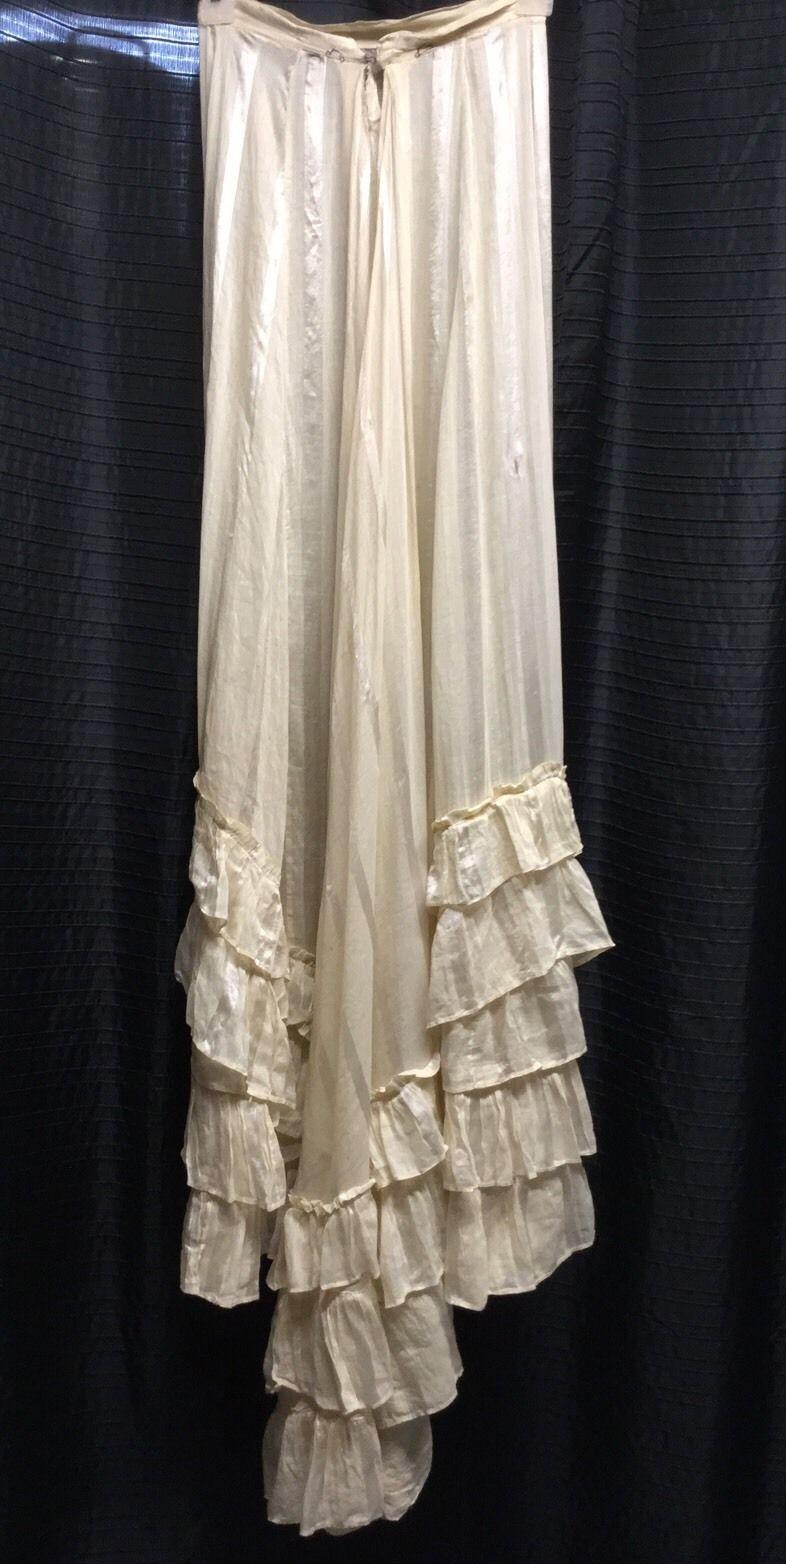 Antique Striped Satin Petticoat Slip Long Train Full Length Handmade. Back